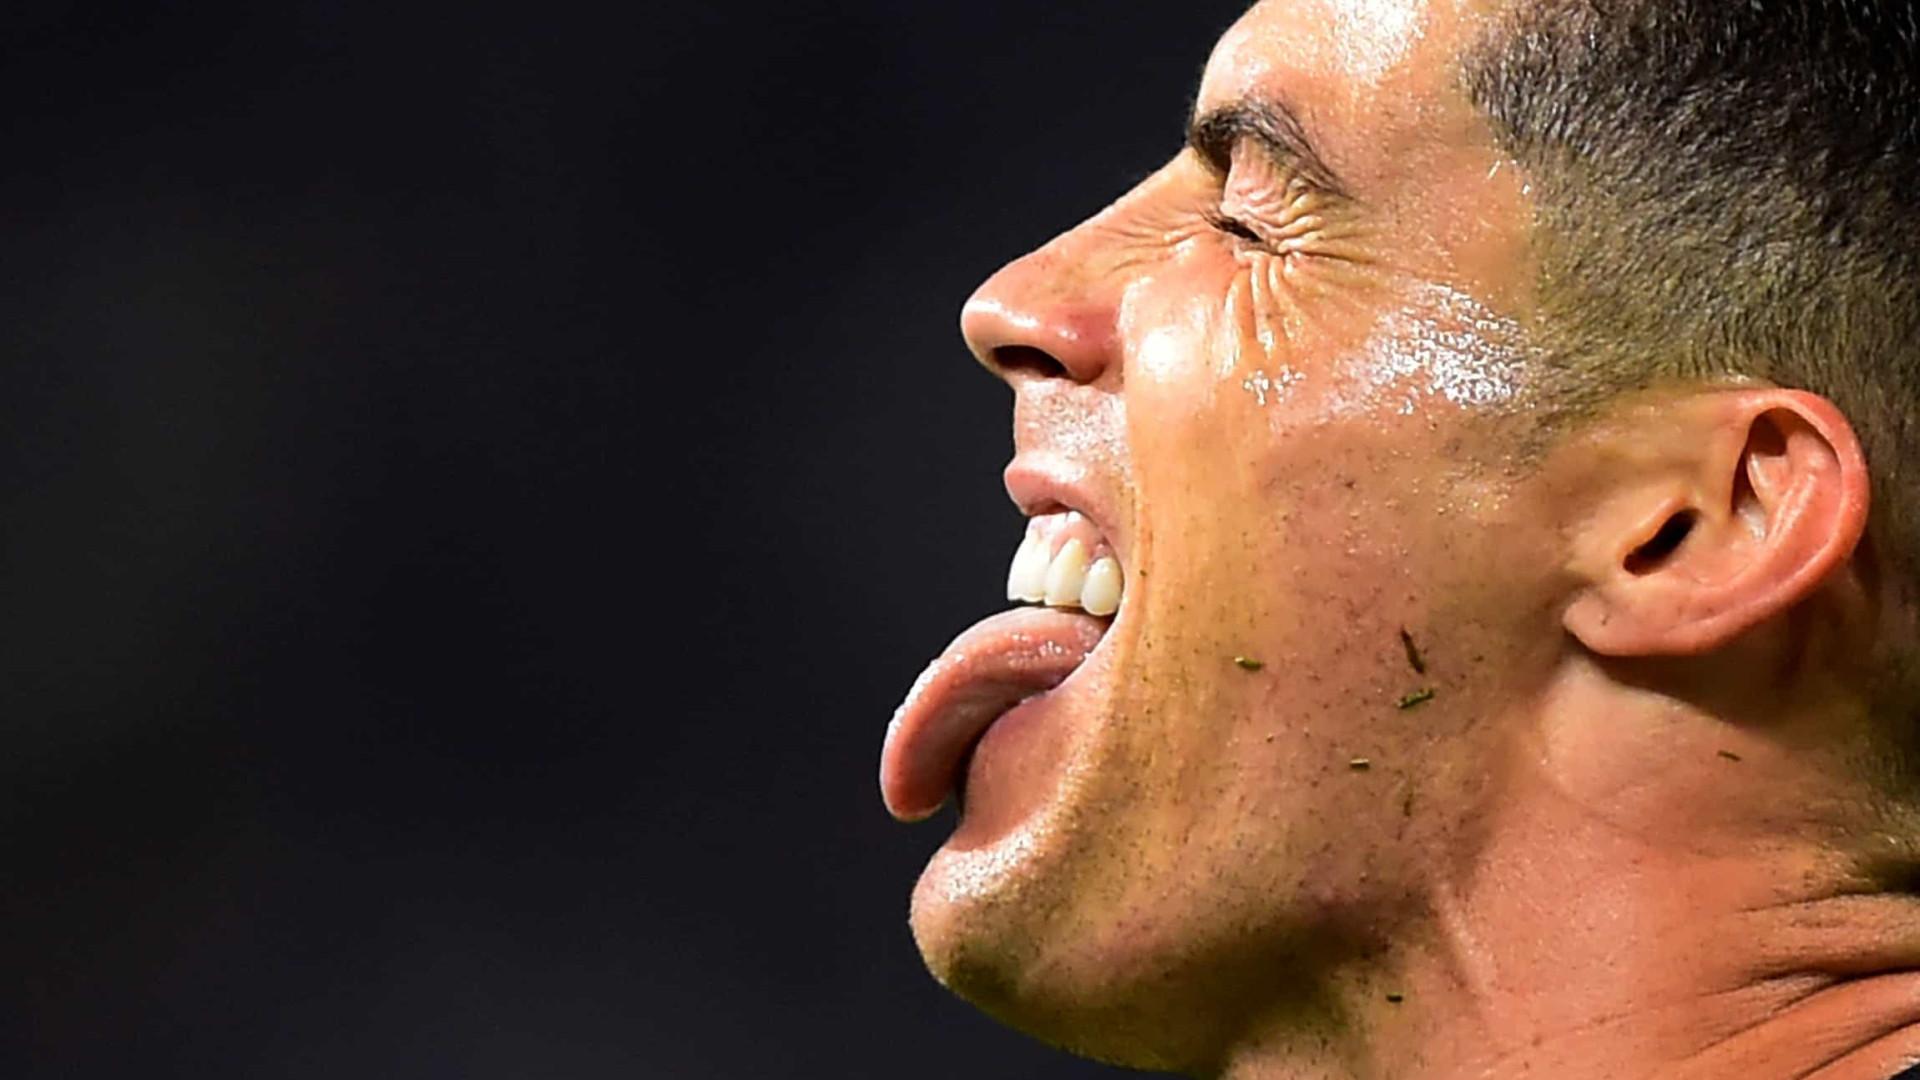 Após 72 dias, Cristiano Ronaldo retorna aos treinamentos na Juventus